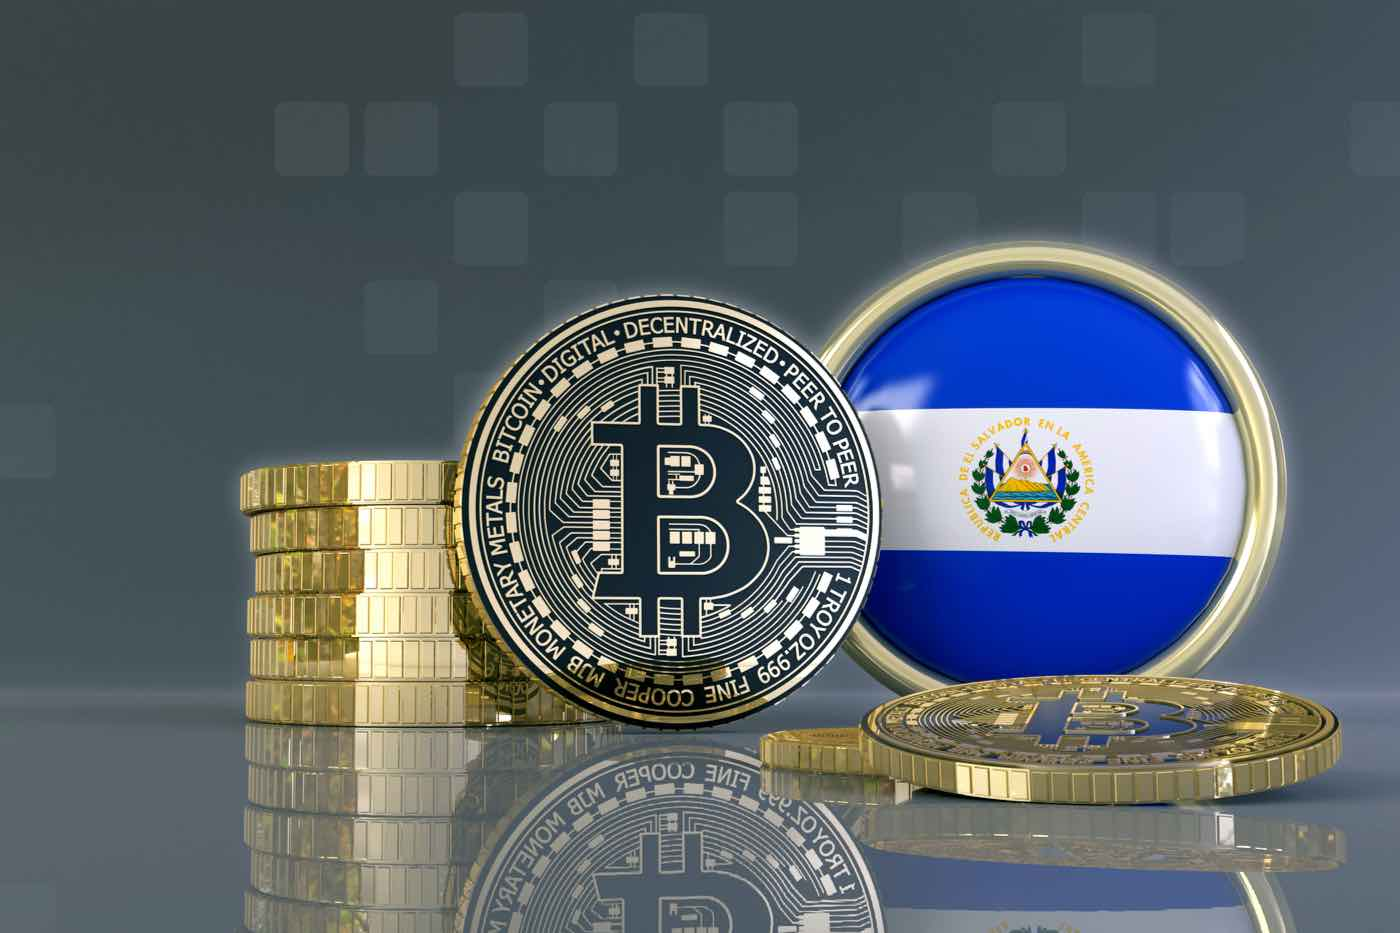 El Salvador compra 400 Bitcoins antes de convertirlo en moneda legal